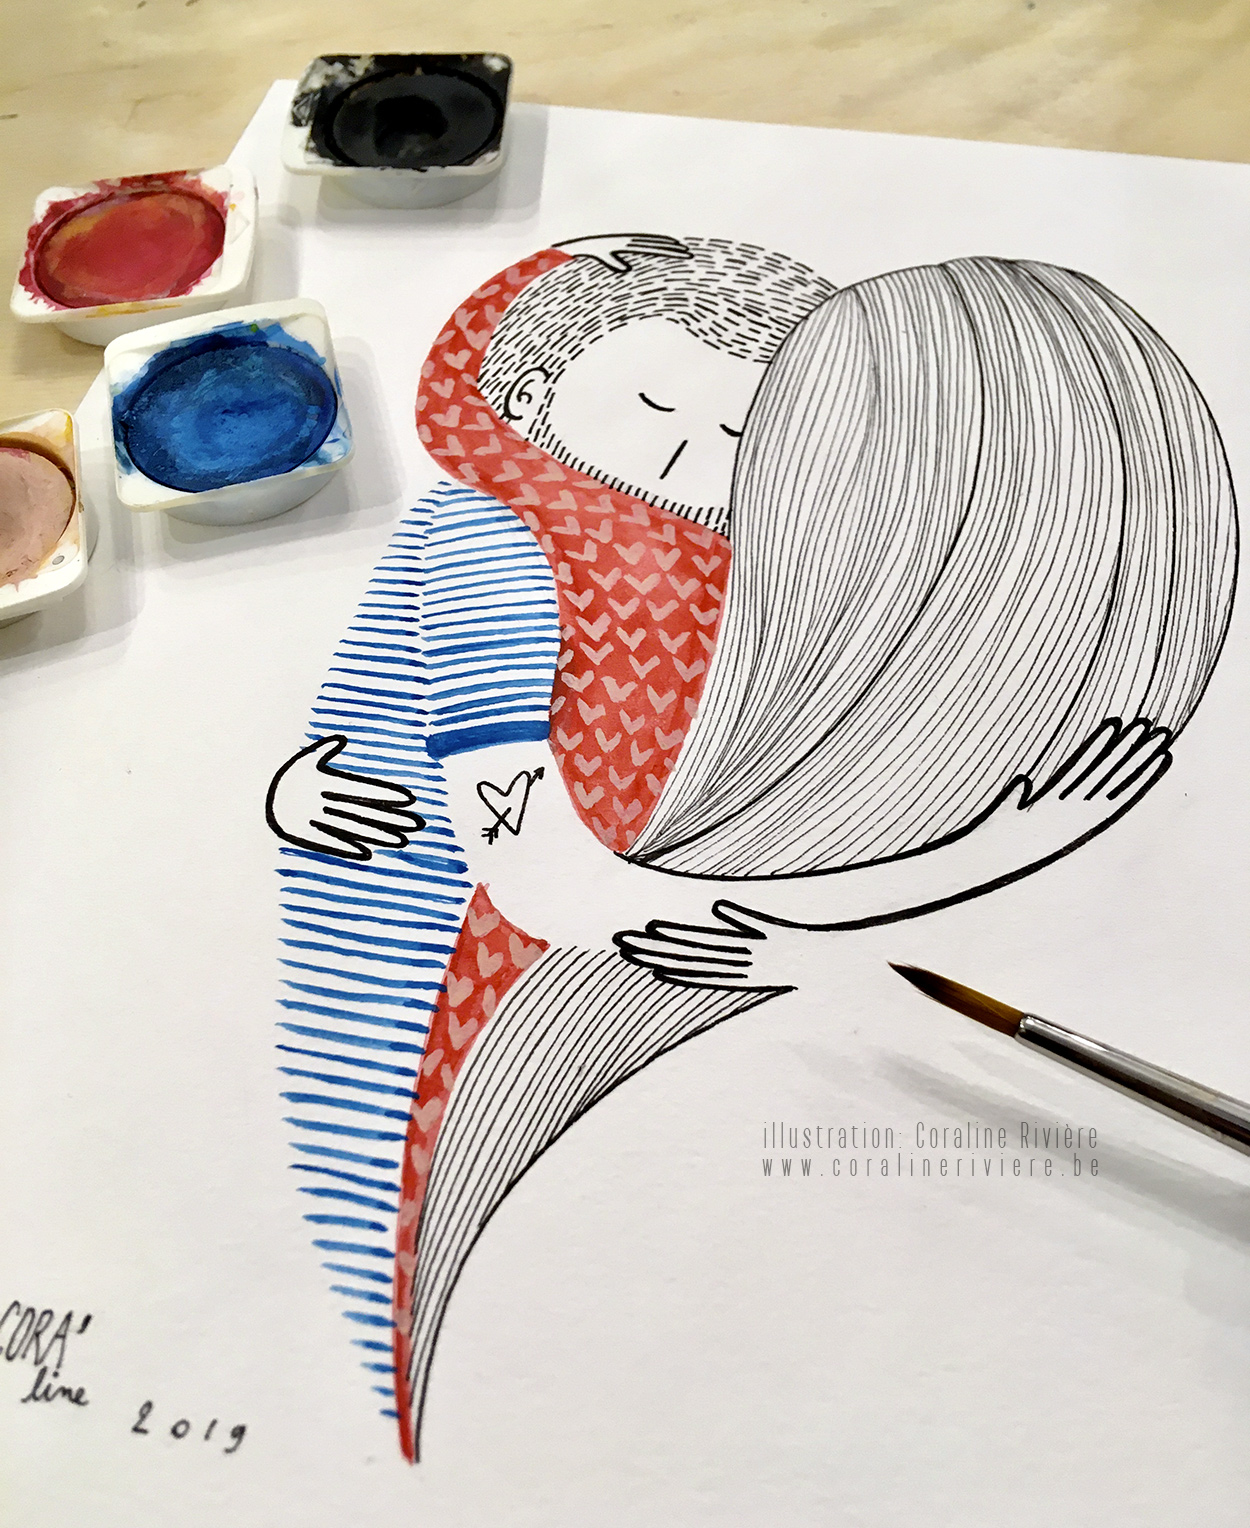 dessin aquarelle couple femme homme marin tatouage coeur enlaces poesie amour